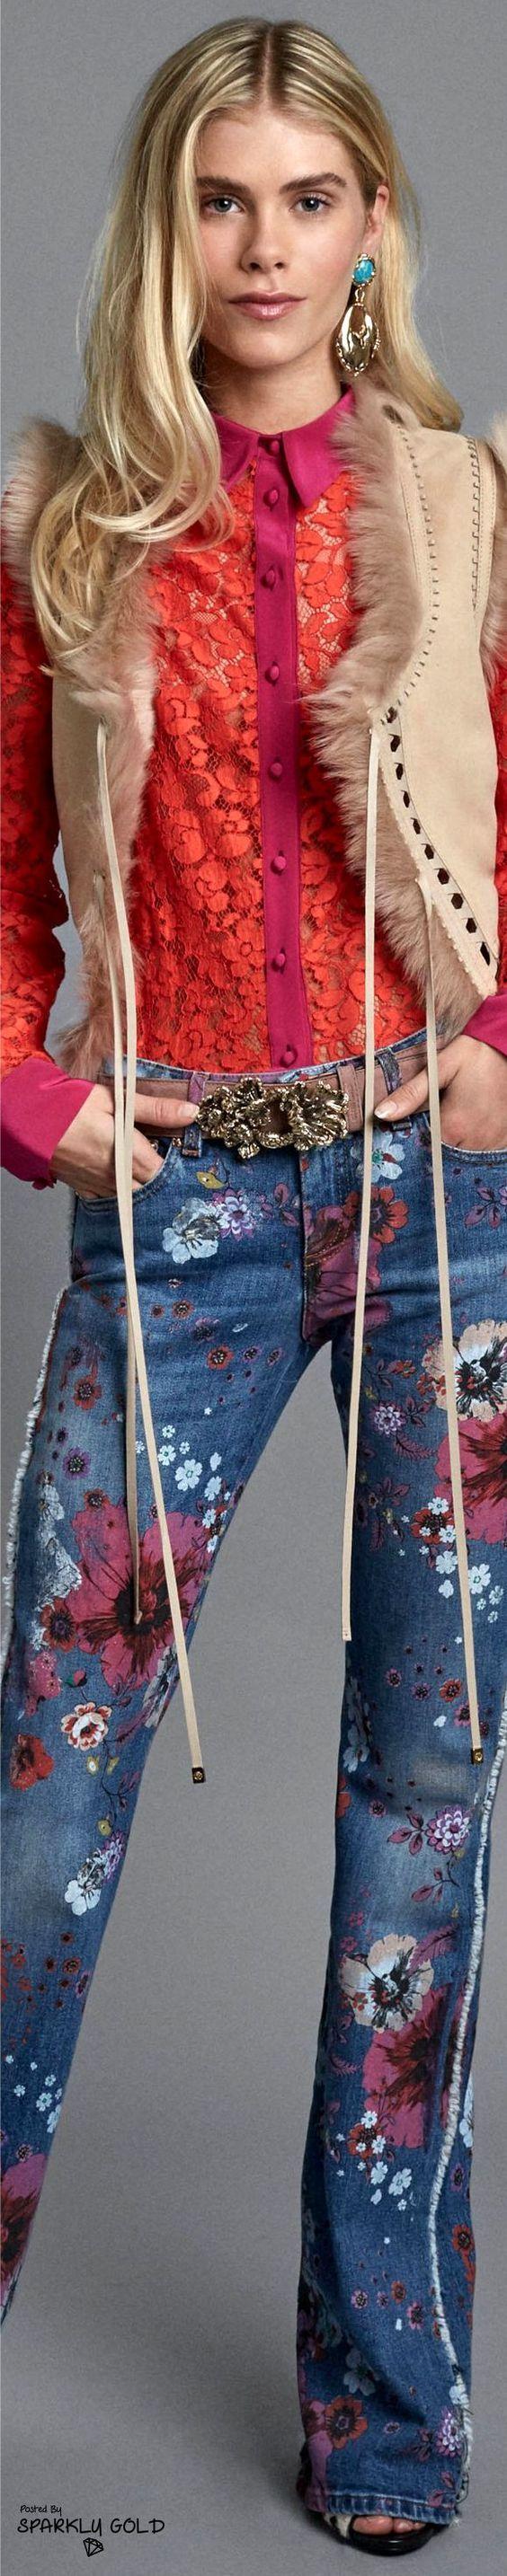 модные брюки 2017, джинсы с вышивкой